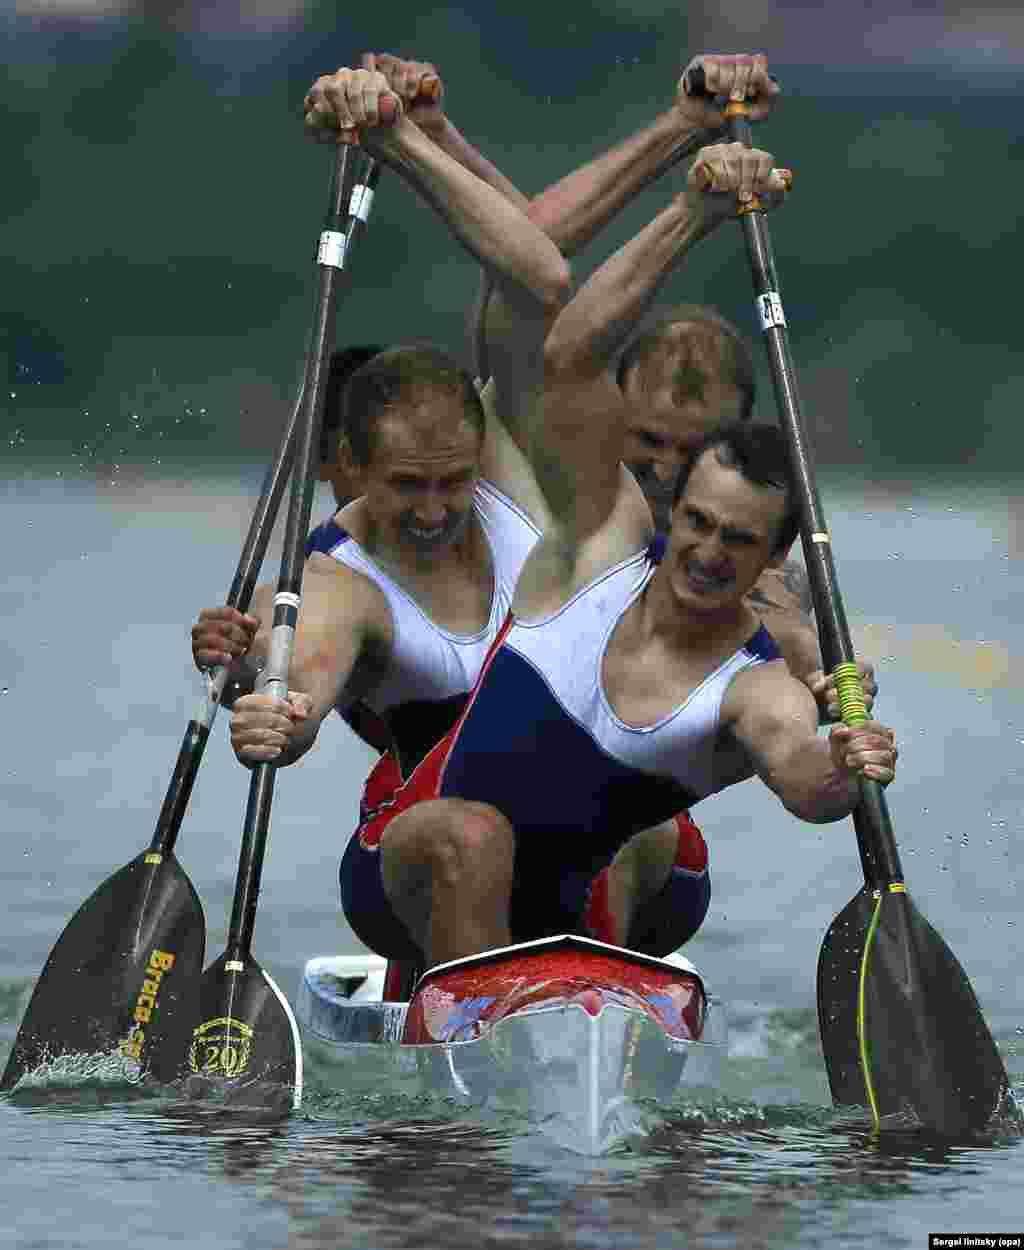 កីឡាករ Kirill Shamshurin កីឡាករ Viktor Melantyev កីឡាករ Rasul Ishmukhamedov និងកីឡាករ Vladislav Chebotar របស់រុស្ស៊ីដែលជាម្ចាស់មេដាយមាស ធ្វើការប្រកួត ក្នុងវគ្គផ្តាច់ព្រ័ត្រ C-4 ក្នុងចម្ងាយ១.០០០ម៉ែត្រ ក្នុងវិញ្ញាសារបុរស សម្រាប់ជើងឯក Canoe Sprint European Championships នៅក្នុងក្រុងមូស្គូ ប្រទេសរុស្ស៊ី កាលពីថ្ងៃទី២៥ ខែមិថុនា ឆ្នាំ២០១៦។